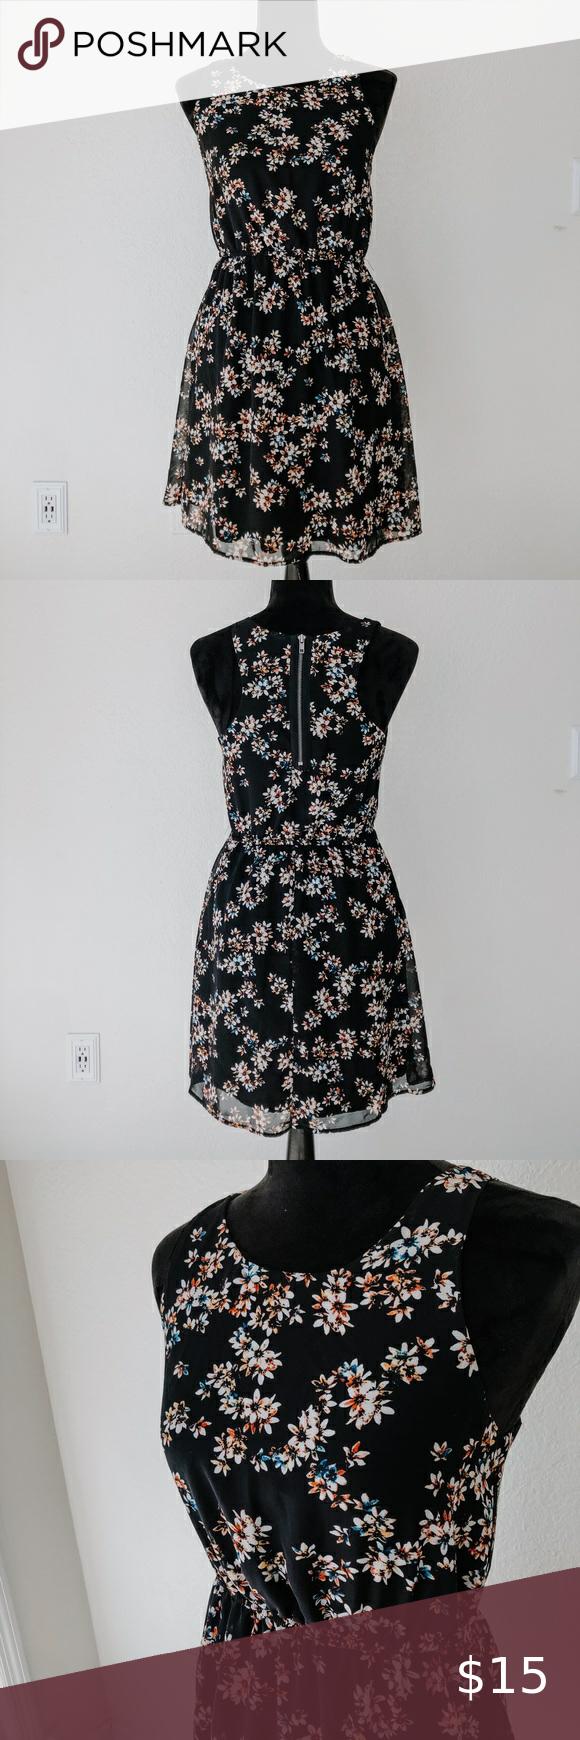 Target Black Floral Dress Floral Dress Black Floral Dress Colorful Dresses [ 1740 x 580 Pixel ]